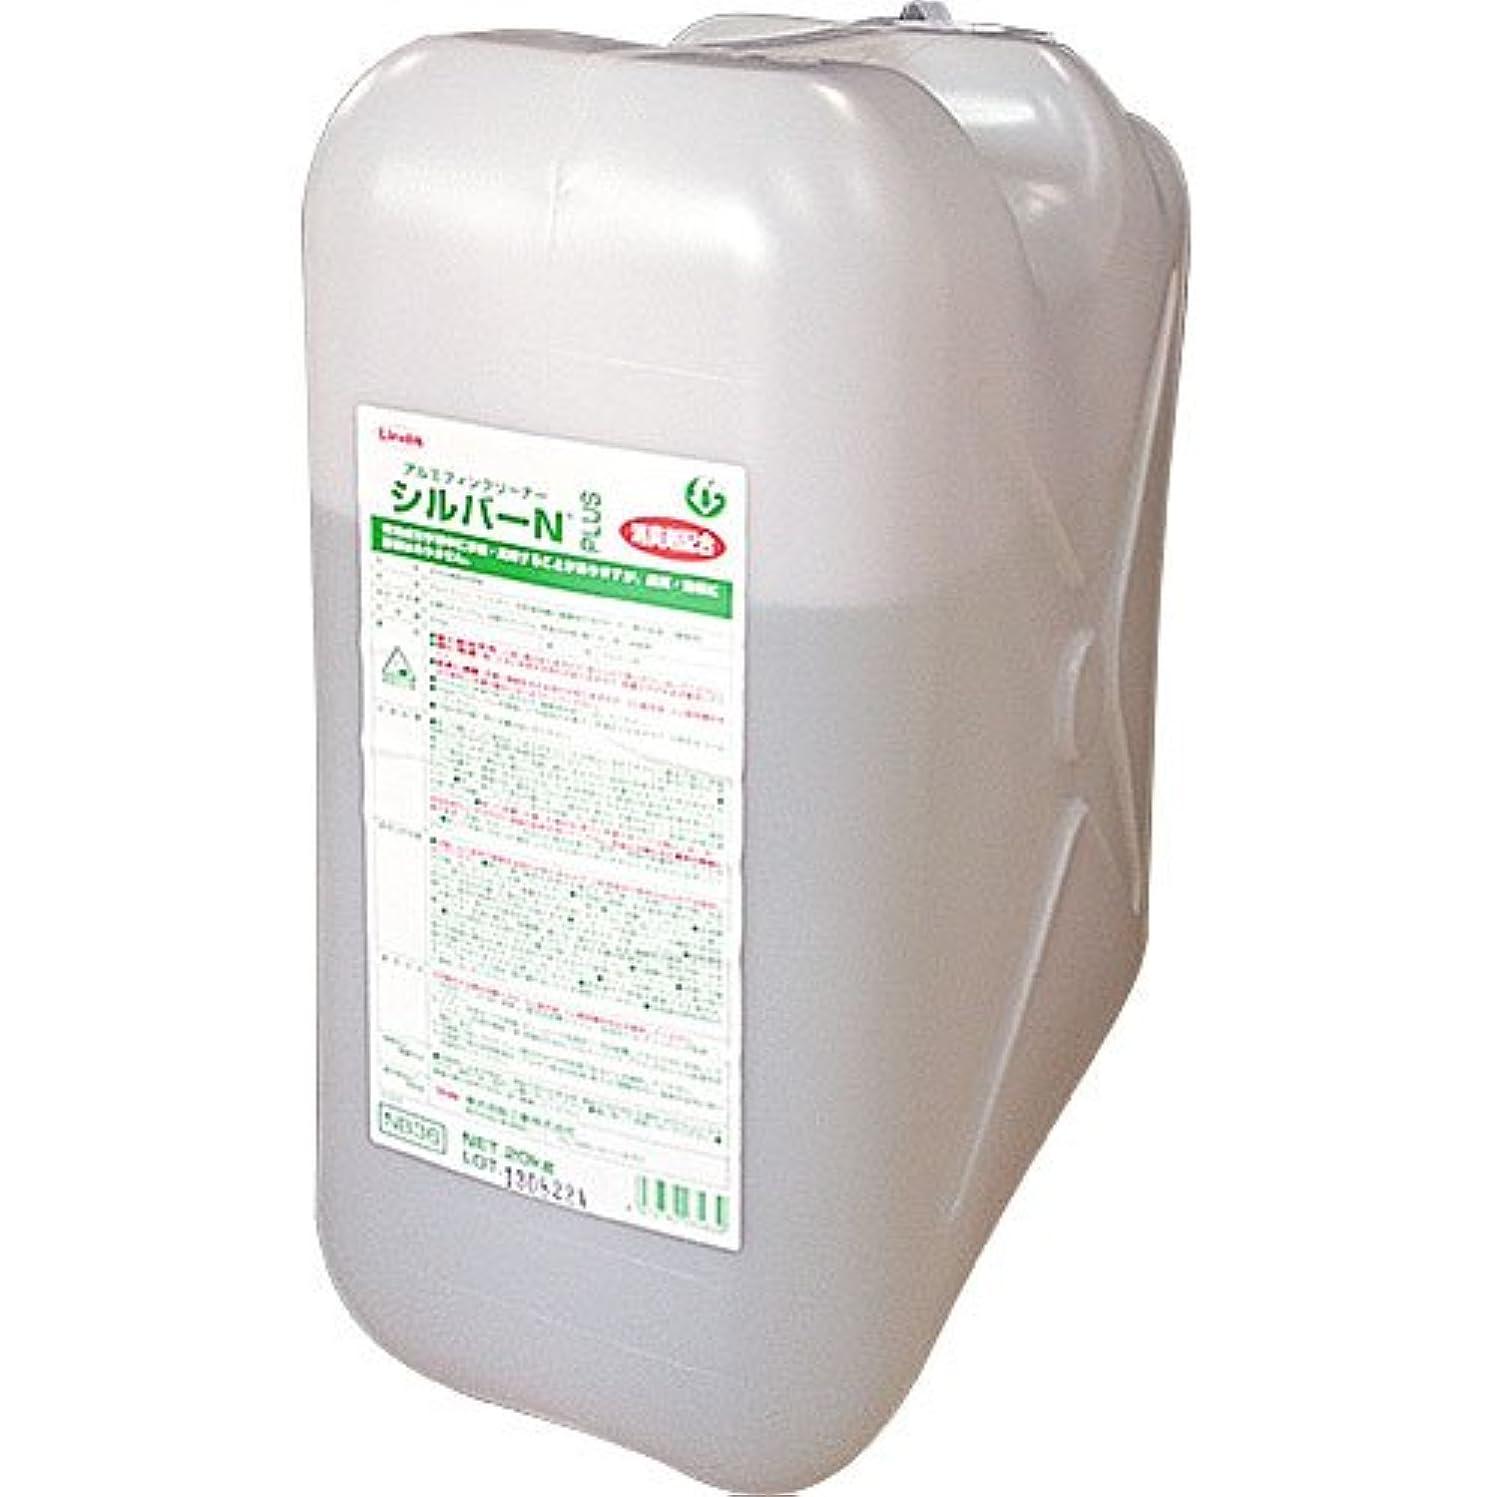 老朽化したホイットニー佐賀横浜油脂工業 シルバーN プラス 20kg (ボトルタイプ)10本セット